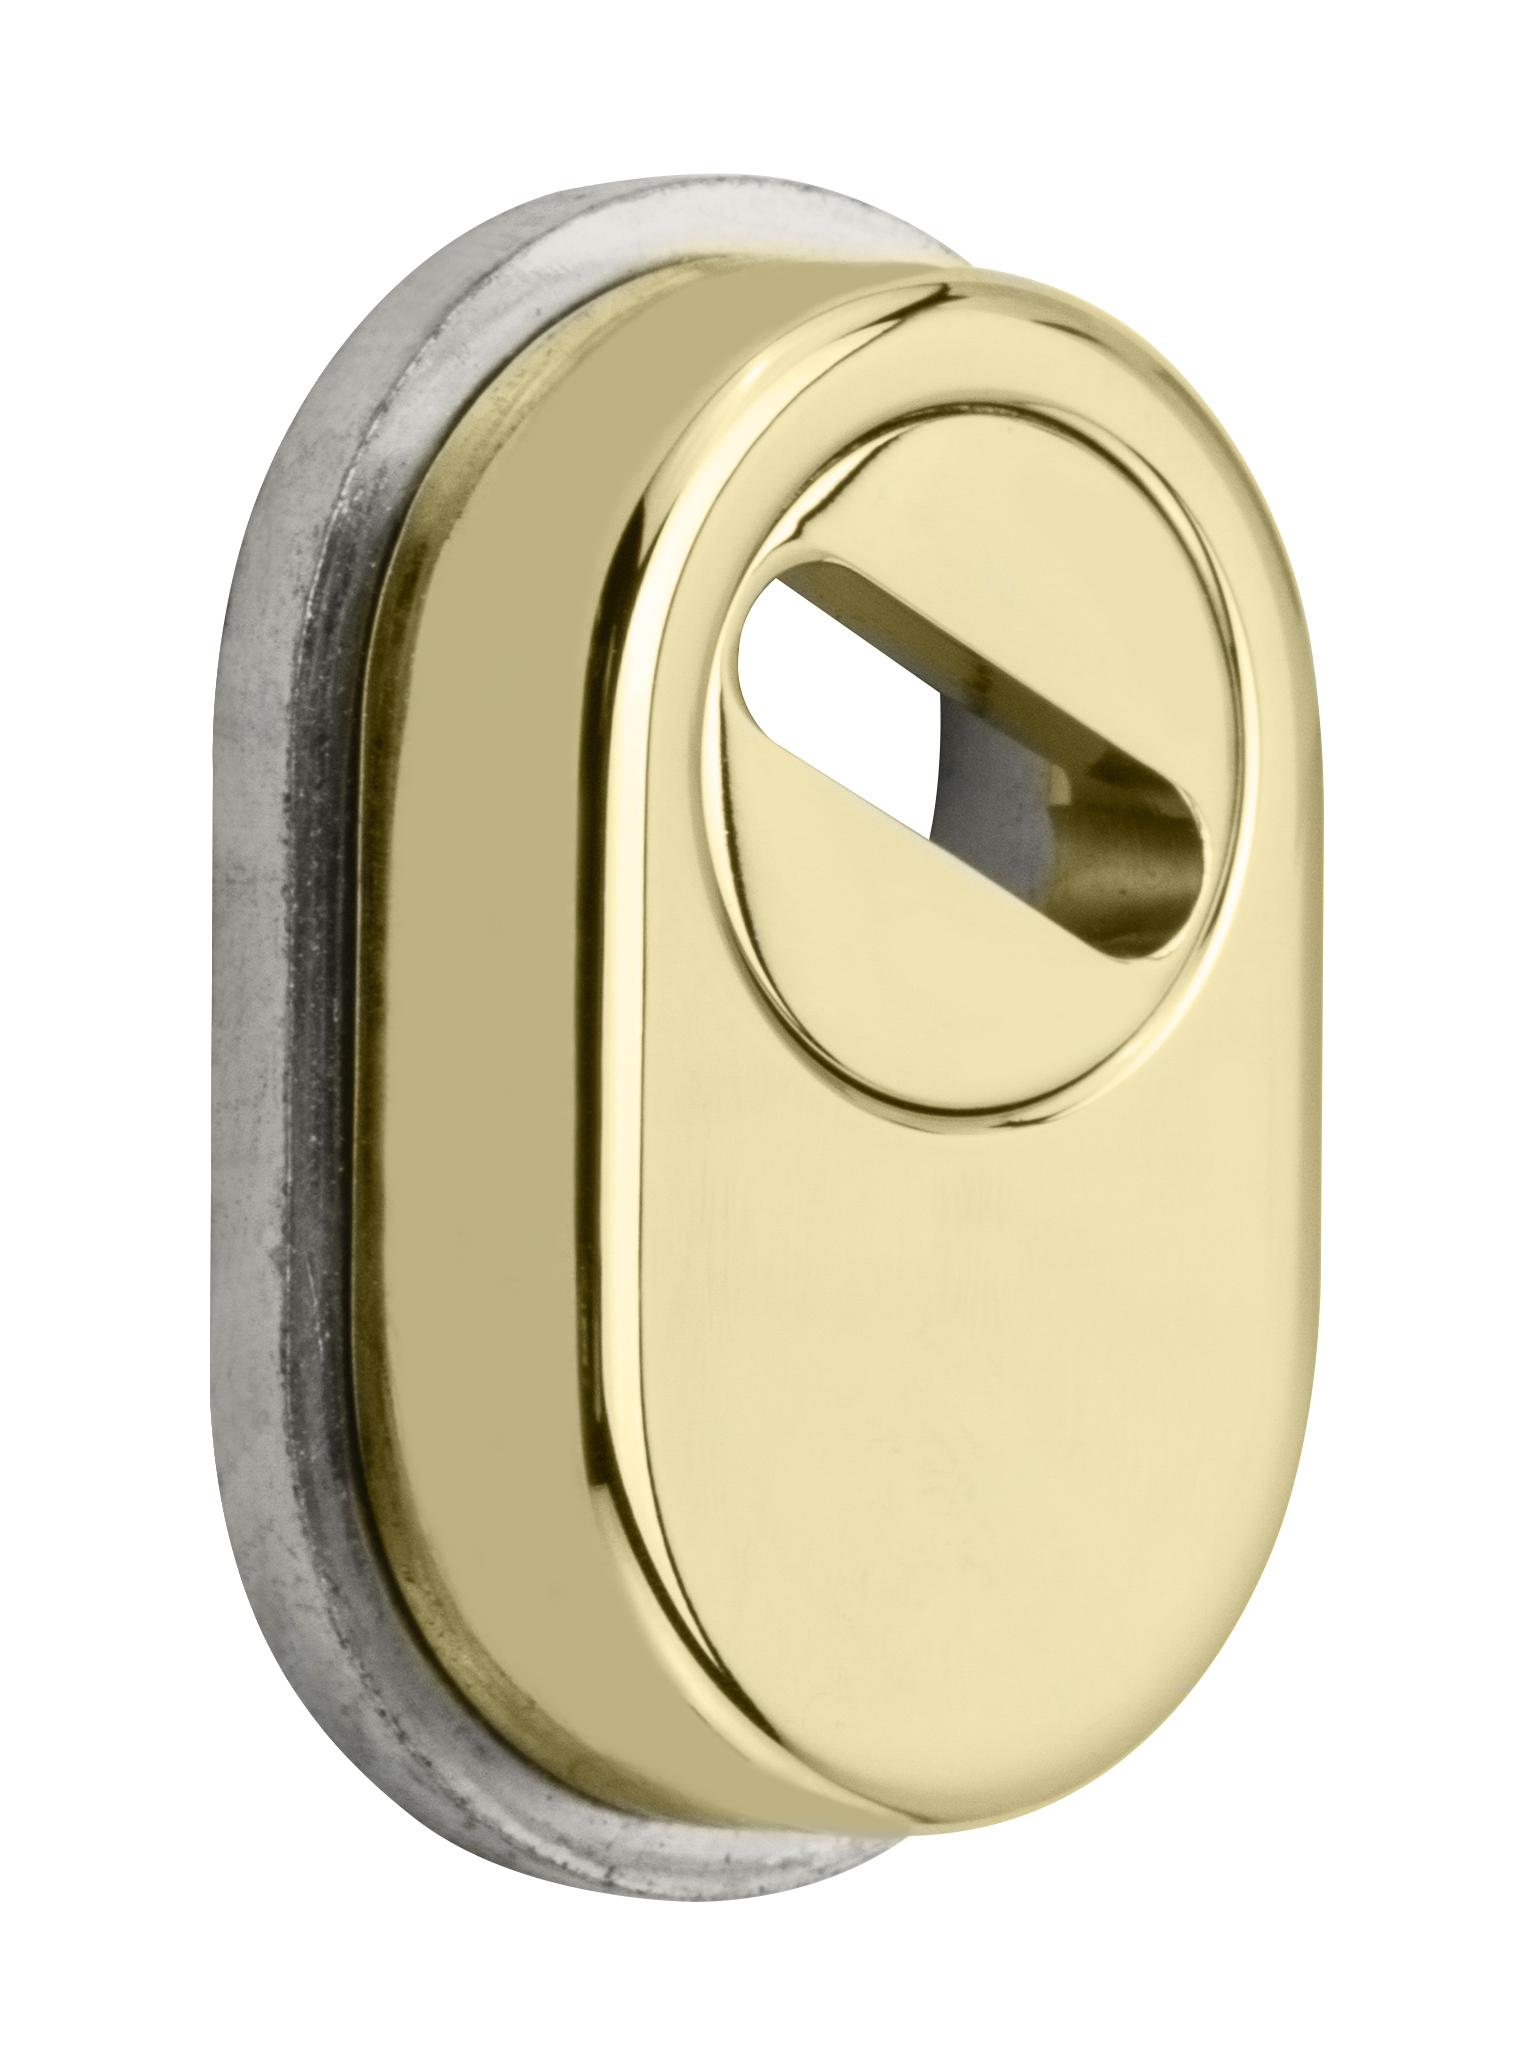 Kernziehschutz - antike Tür Rosette, Zierrosette, Türbeschlag